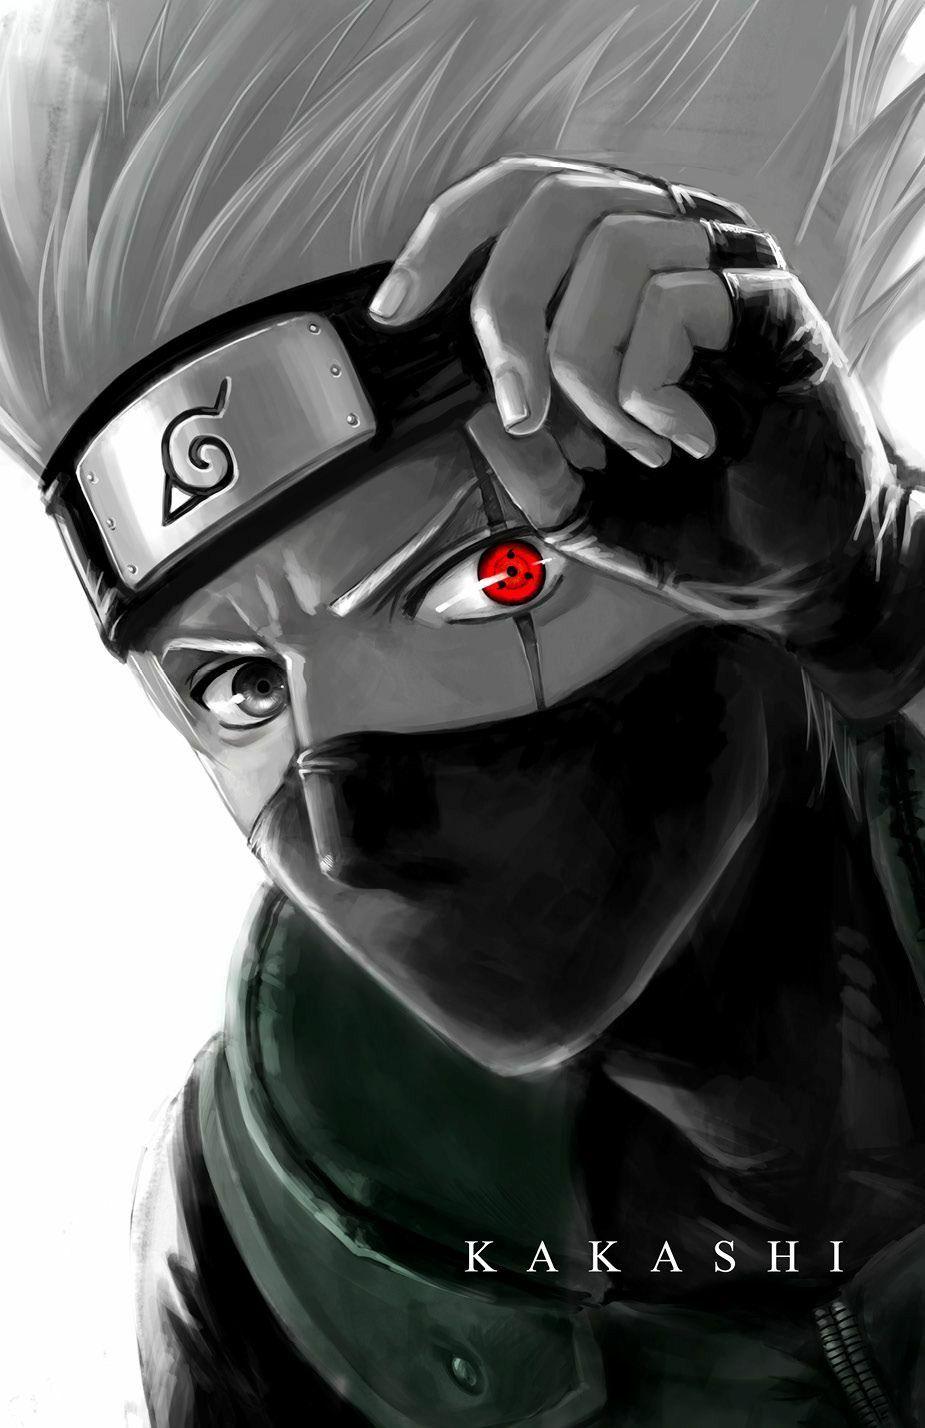 Kakashi Wallpaper Narutowallpaper Naruto Shippuden Sasuke